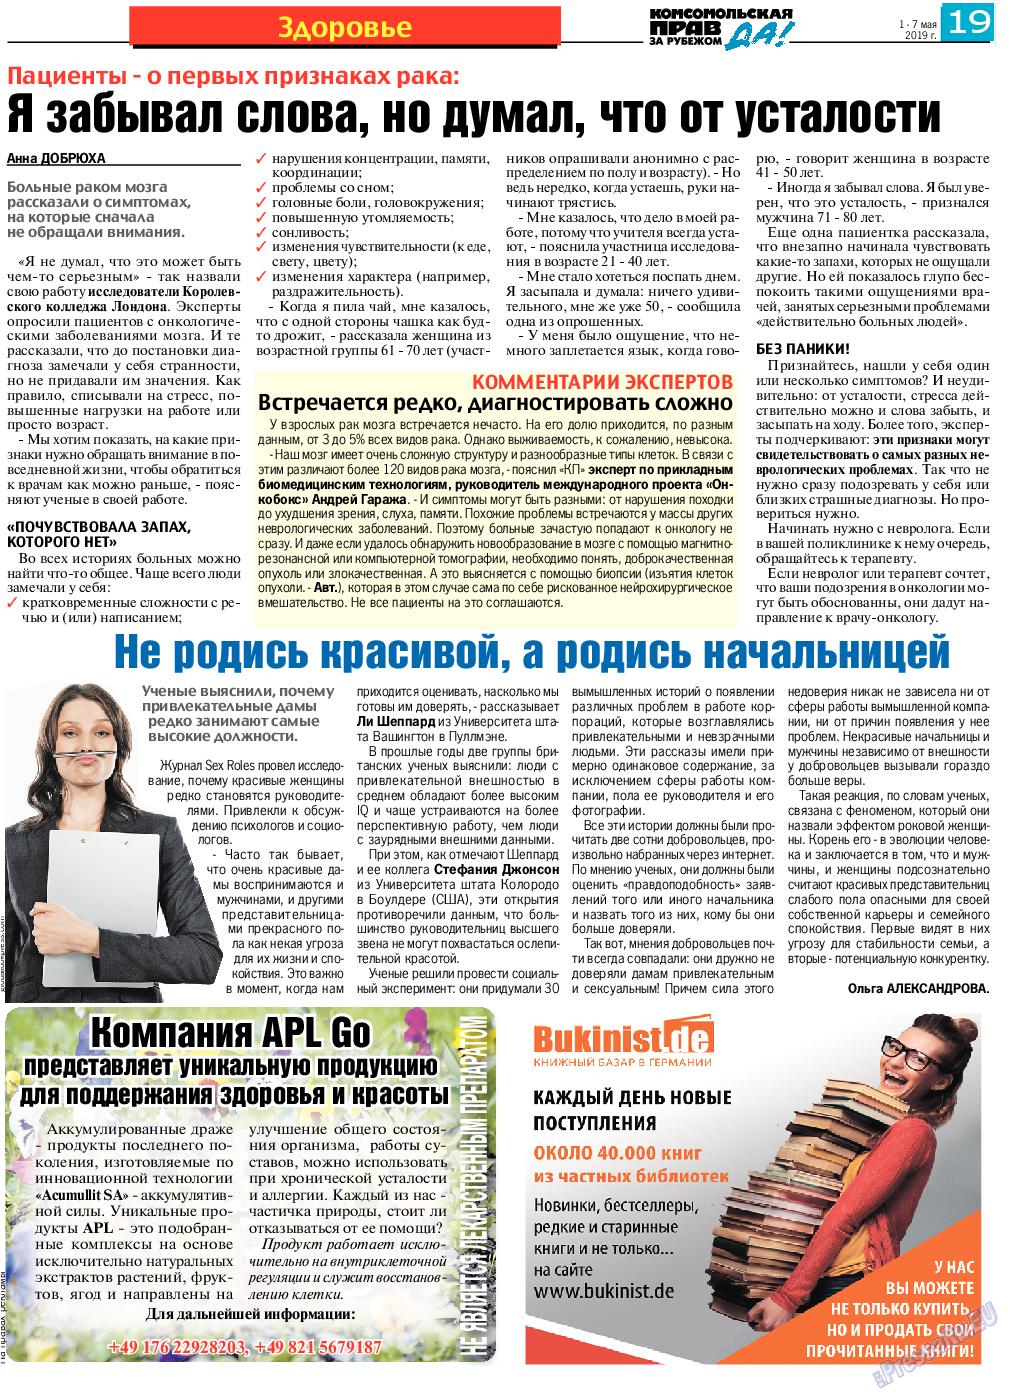 КП в Европе (газета). 2019 год, номер 18, стр. 19